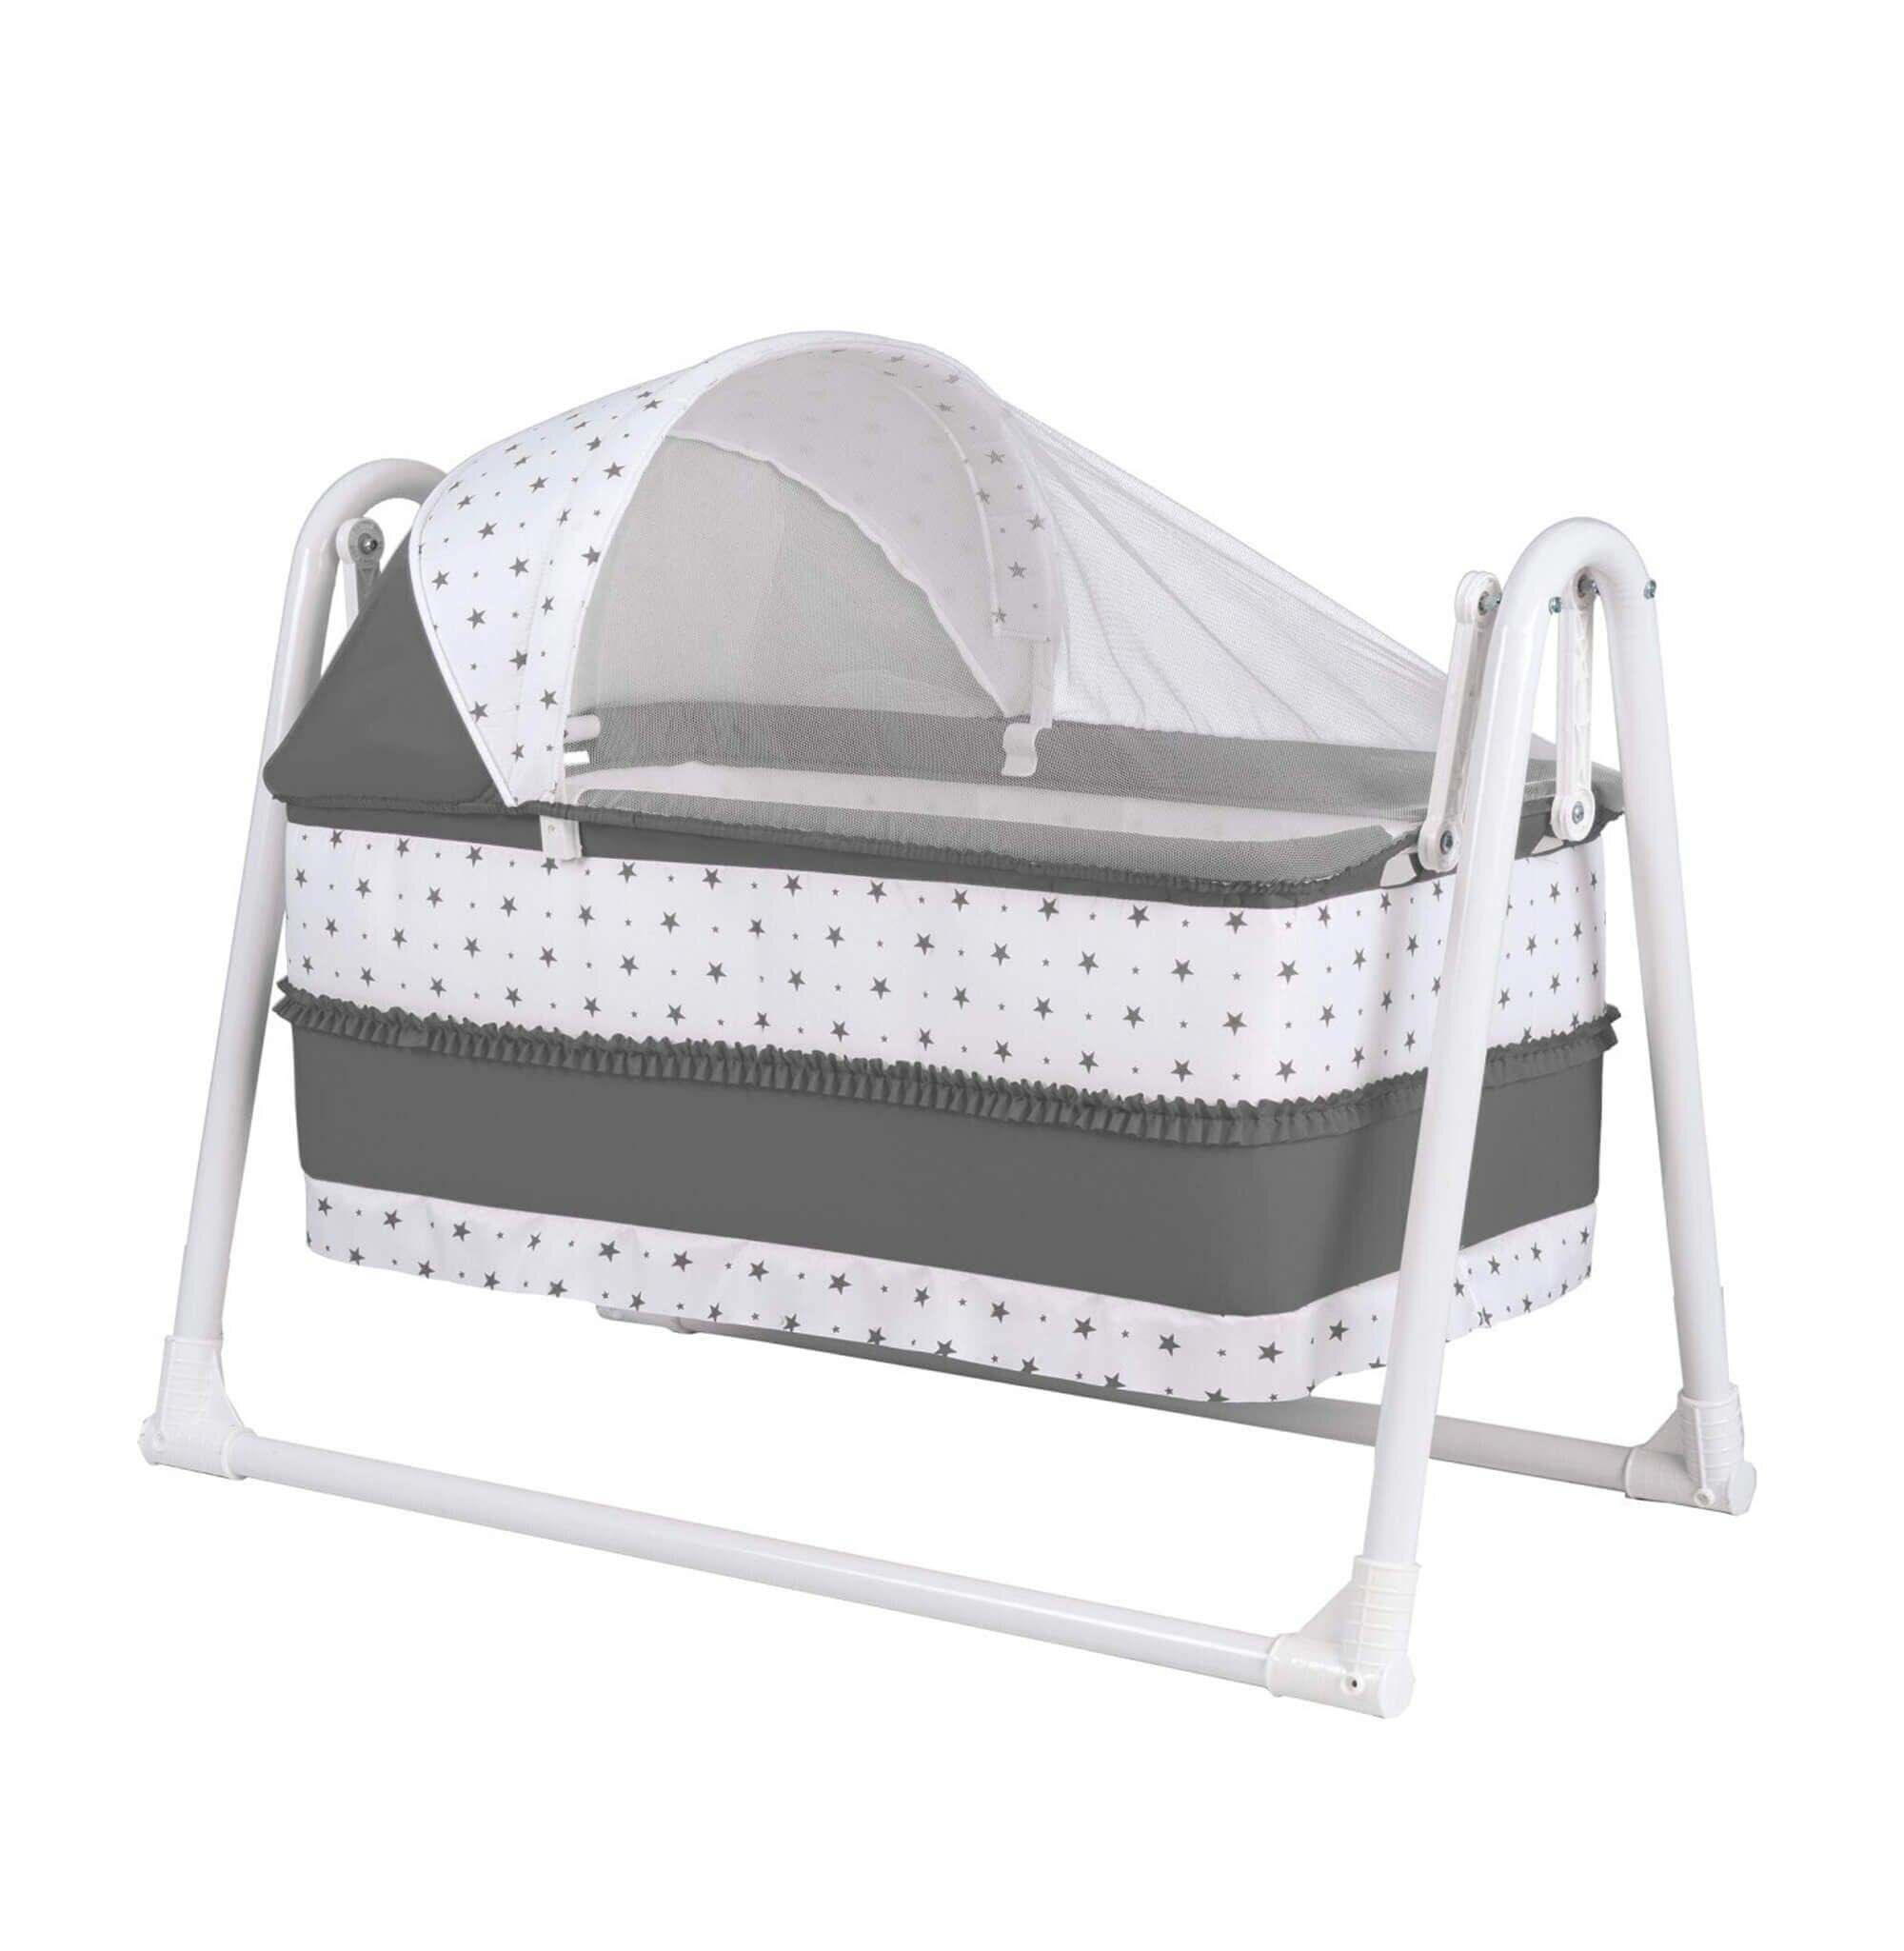 Детская многофункциональная Колыбель, колыбель для новорожденных, коаксиальное детское кресло-качалка, Интеллектуальный комфорт, артефакт, корзина для сна